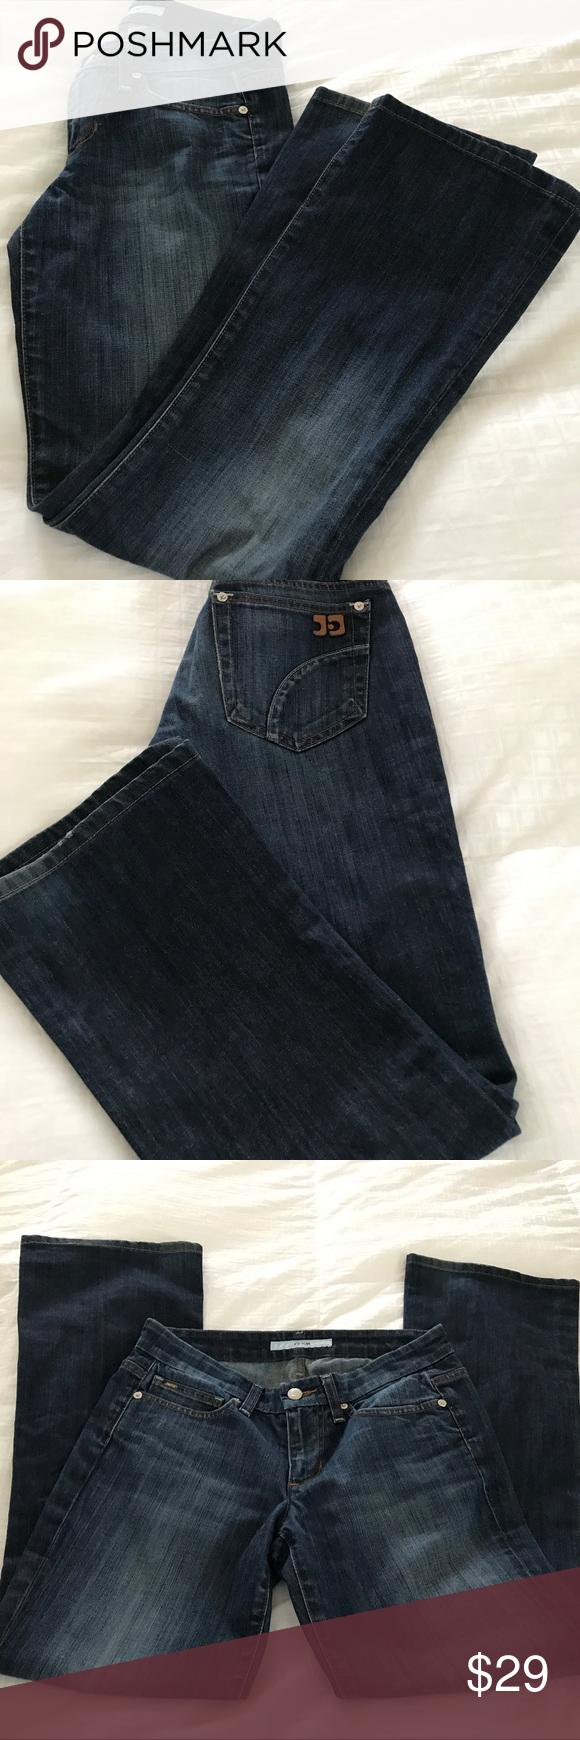 Joe's jeans bootcut rocker